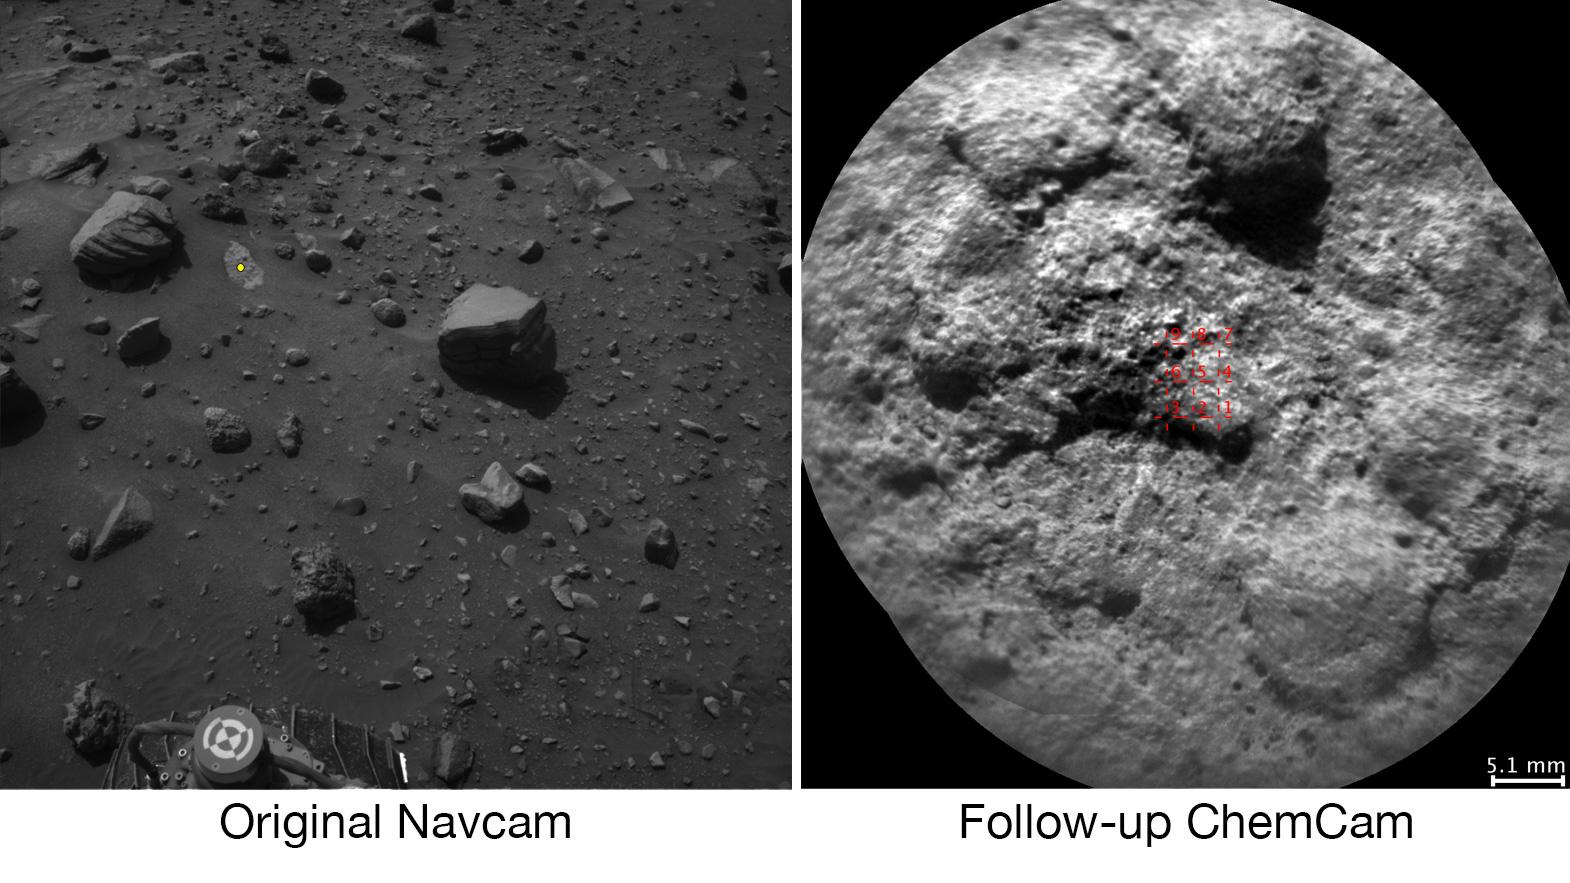 Il rover Curiosity Curiosità Mars rover seleziona autonomamente alcuni obiettivi per il laser e telescopica fotocamera del suo strumento ChemCam. Ad esempio, a bordo il software analizza l'immagine NavCam a sinistra, ha scelto l'obiettivo indicato con un punto giallo, e indicò ChemCam per i colpi laser e l'immagine a destra. NASA's Curiosity Mars rover autonomously selects some targets for the laser and telescopic camera of its ChemCam instrument. For example, on-board software analyzed the Navcam image at left, chose the target indicated with a yellow dot, and pointed ChemCam for laser shots and the image at right. Crediti: NASA/JPL-Caltech/LANL/CNES/IRAP/LPGNantes/CNRS/IAS